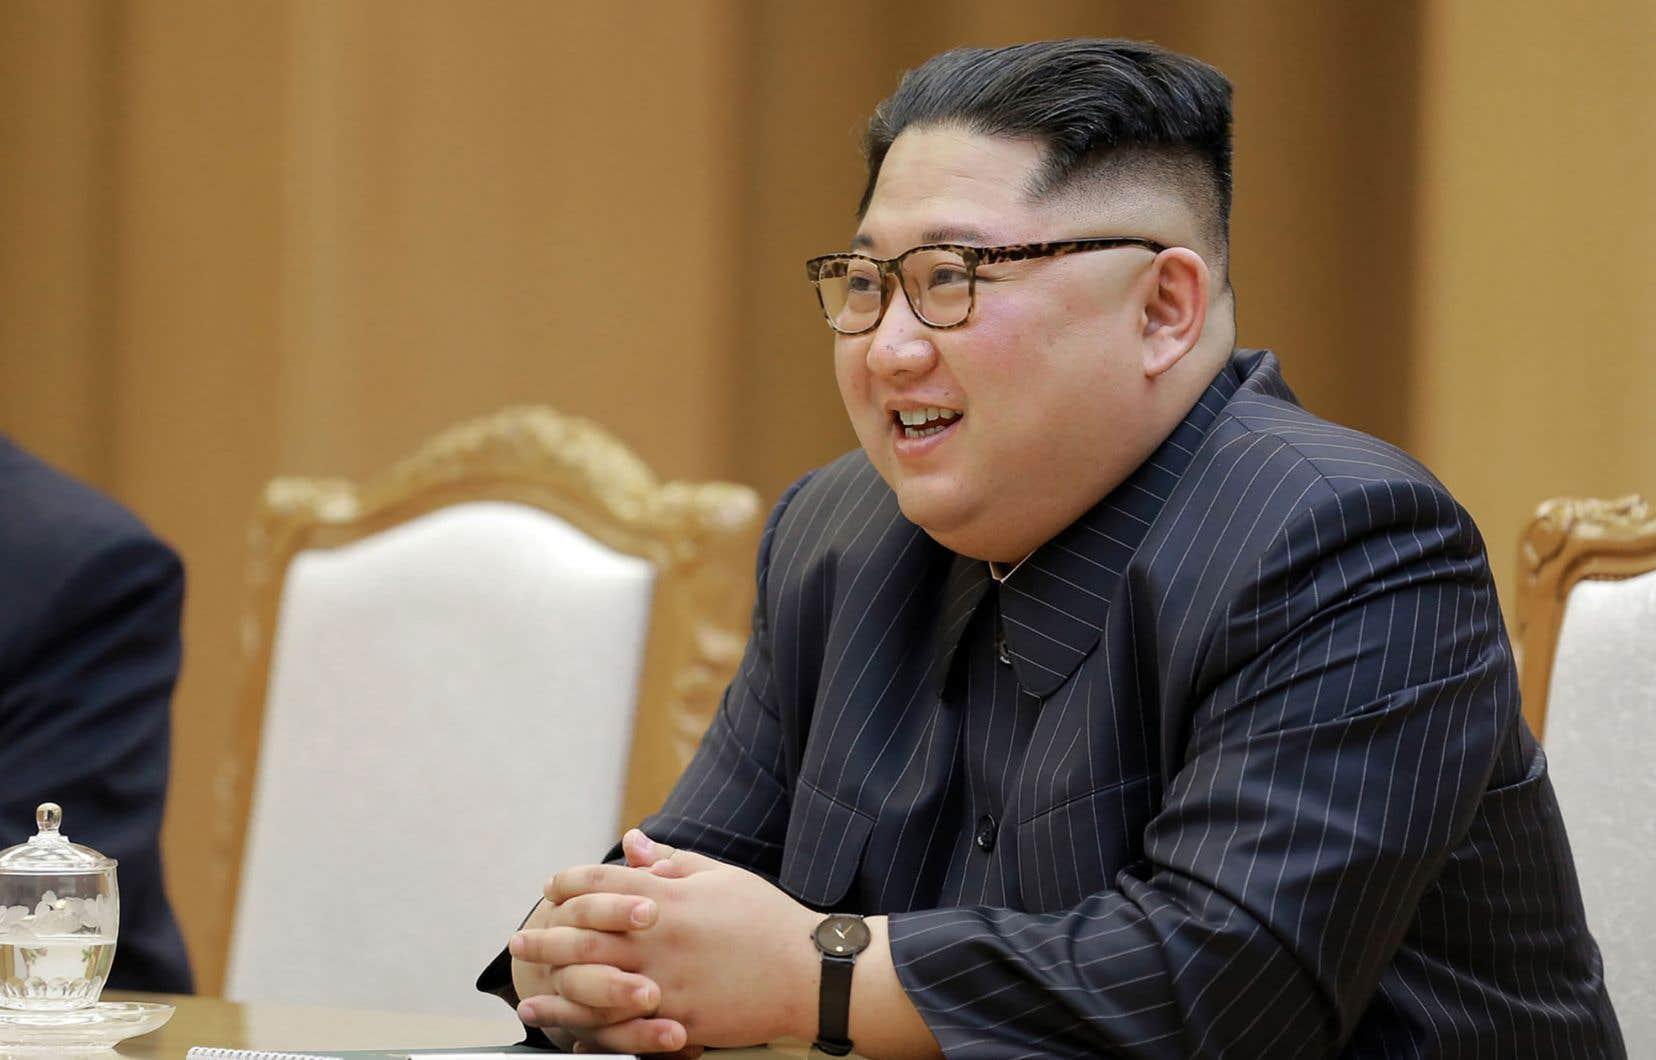 Kim Jong-un a récemment déclaré que le programme d'essais nucléaires et de missiles de son pays est complet, et qu'il n'a donc plus besoin du site de Punggye-ri.